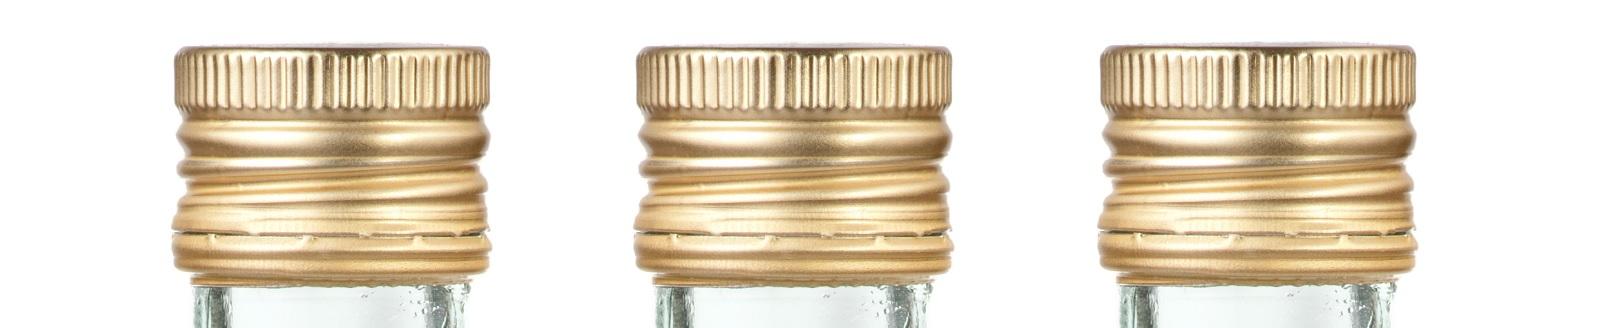 Capsules 31.5